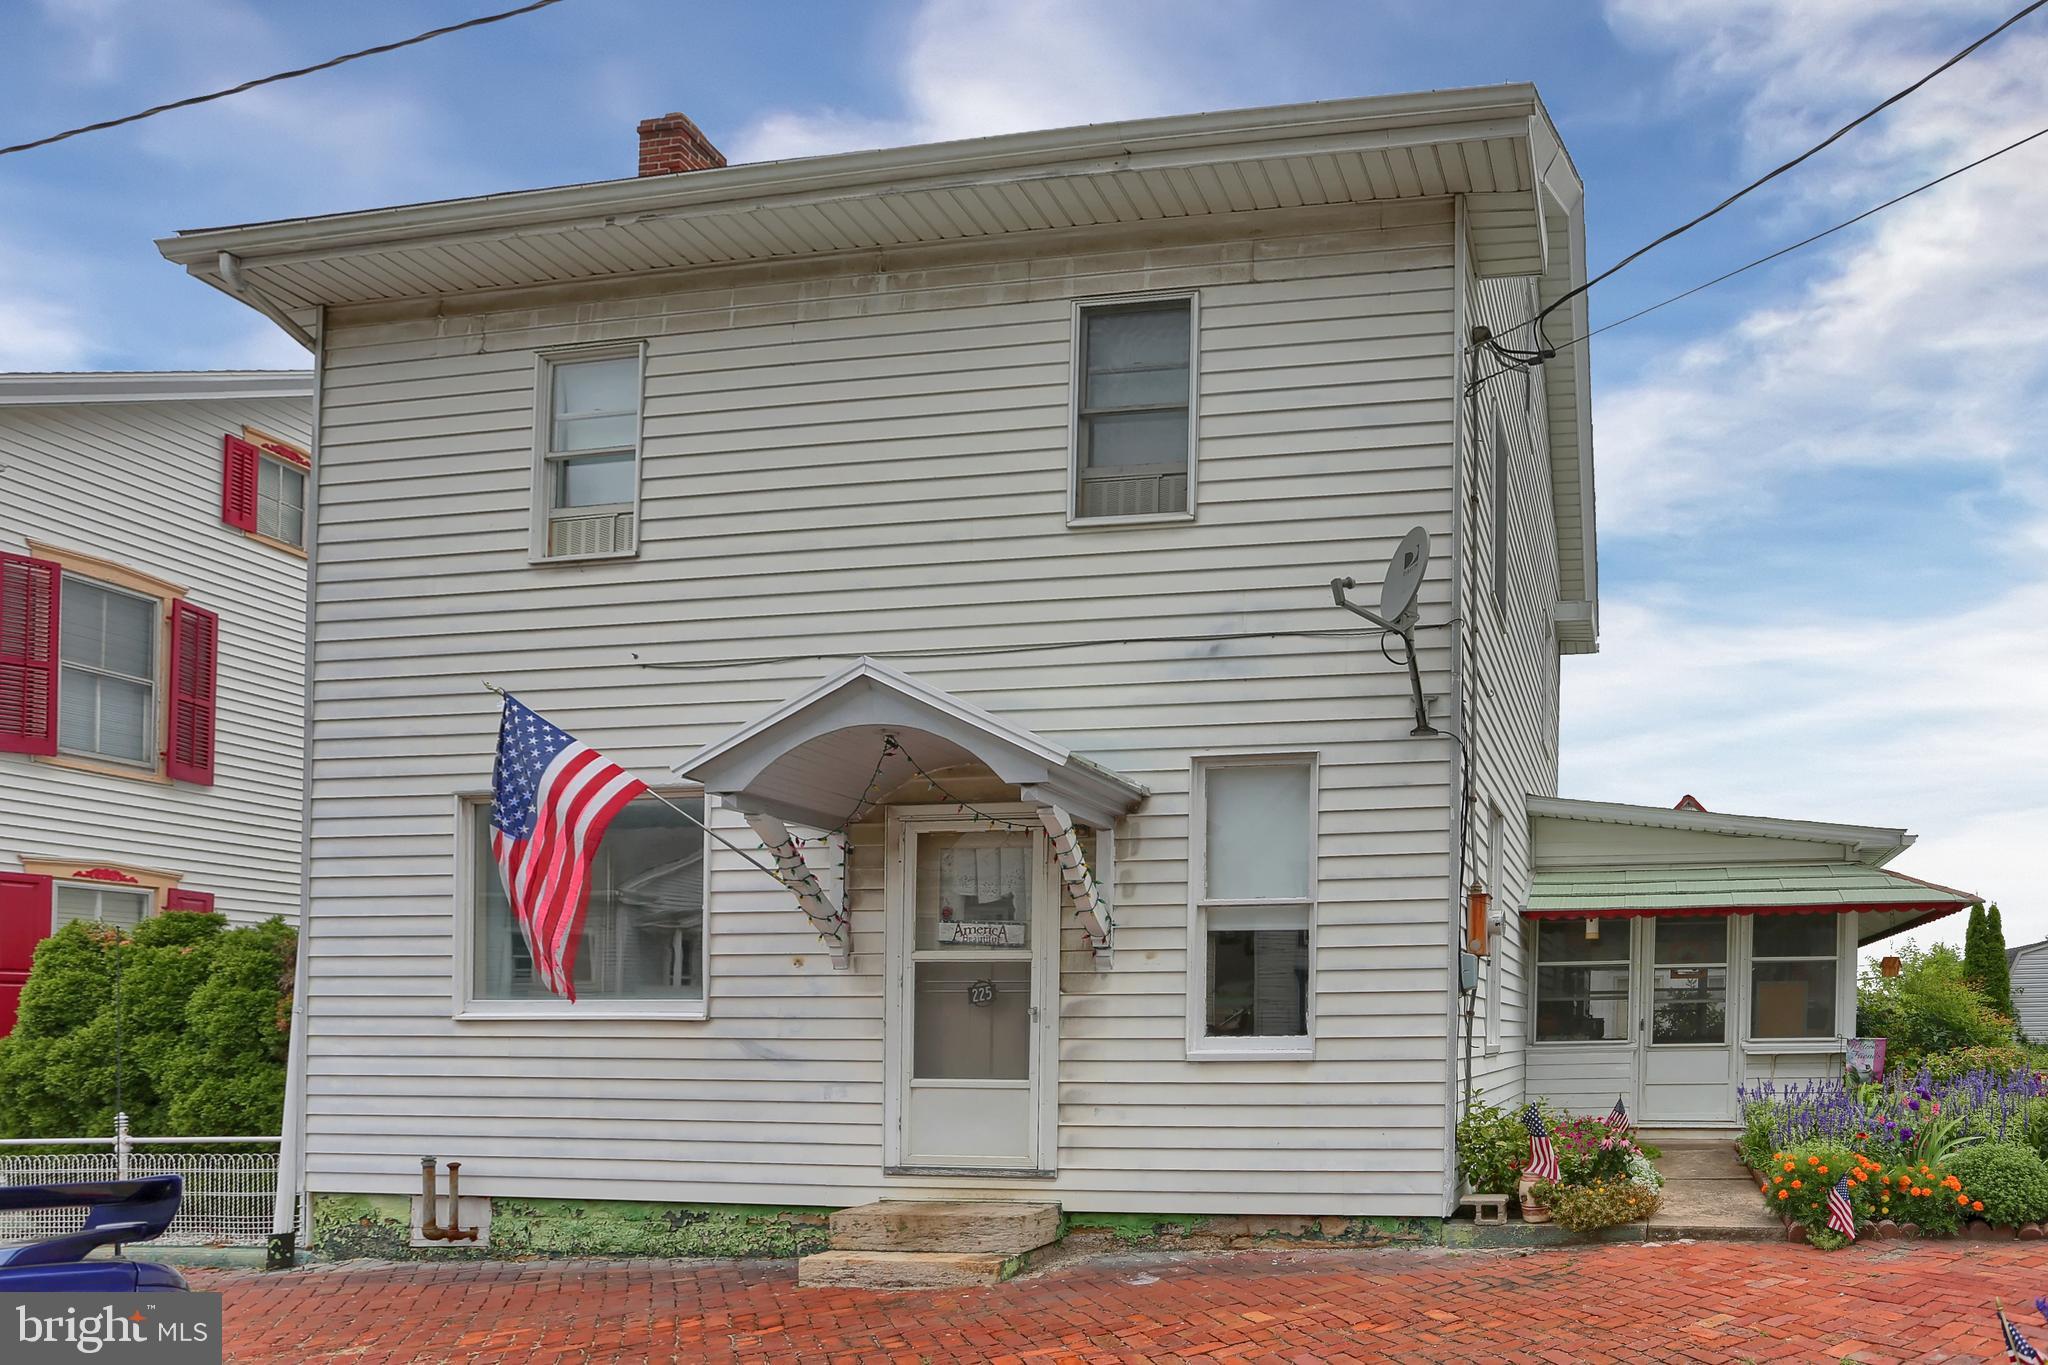 225 W MAIN STREET, ELIZABETHVILLE, PA 17023